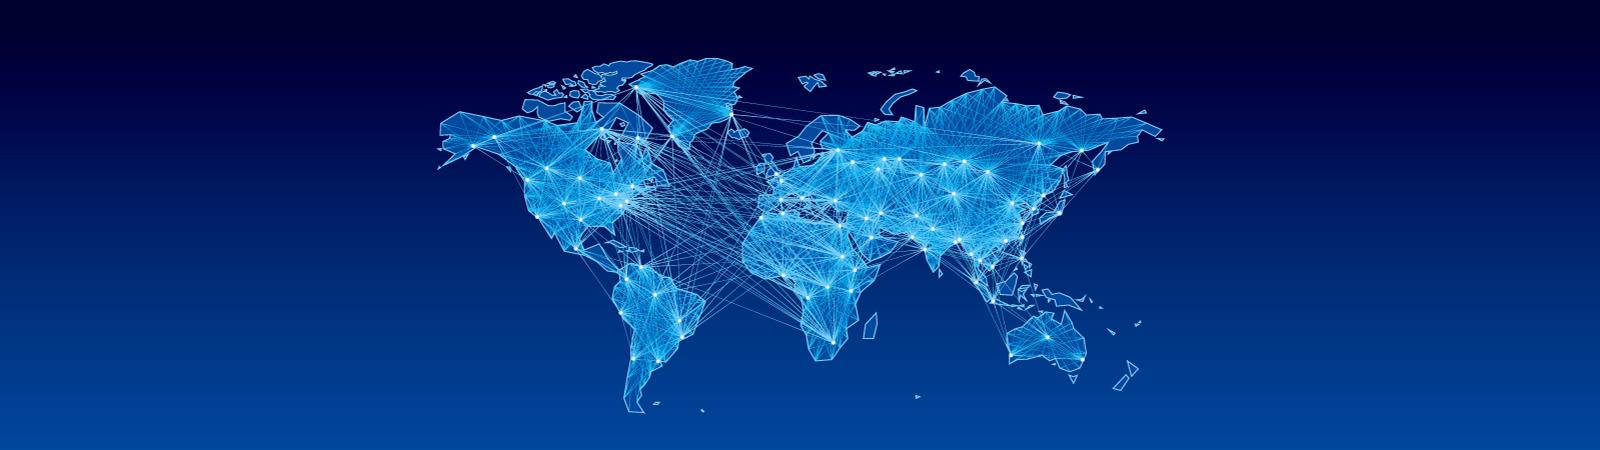 互联网运营商                ethink为您构建自服务数据化分析平台